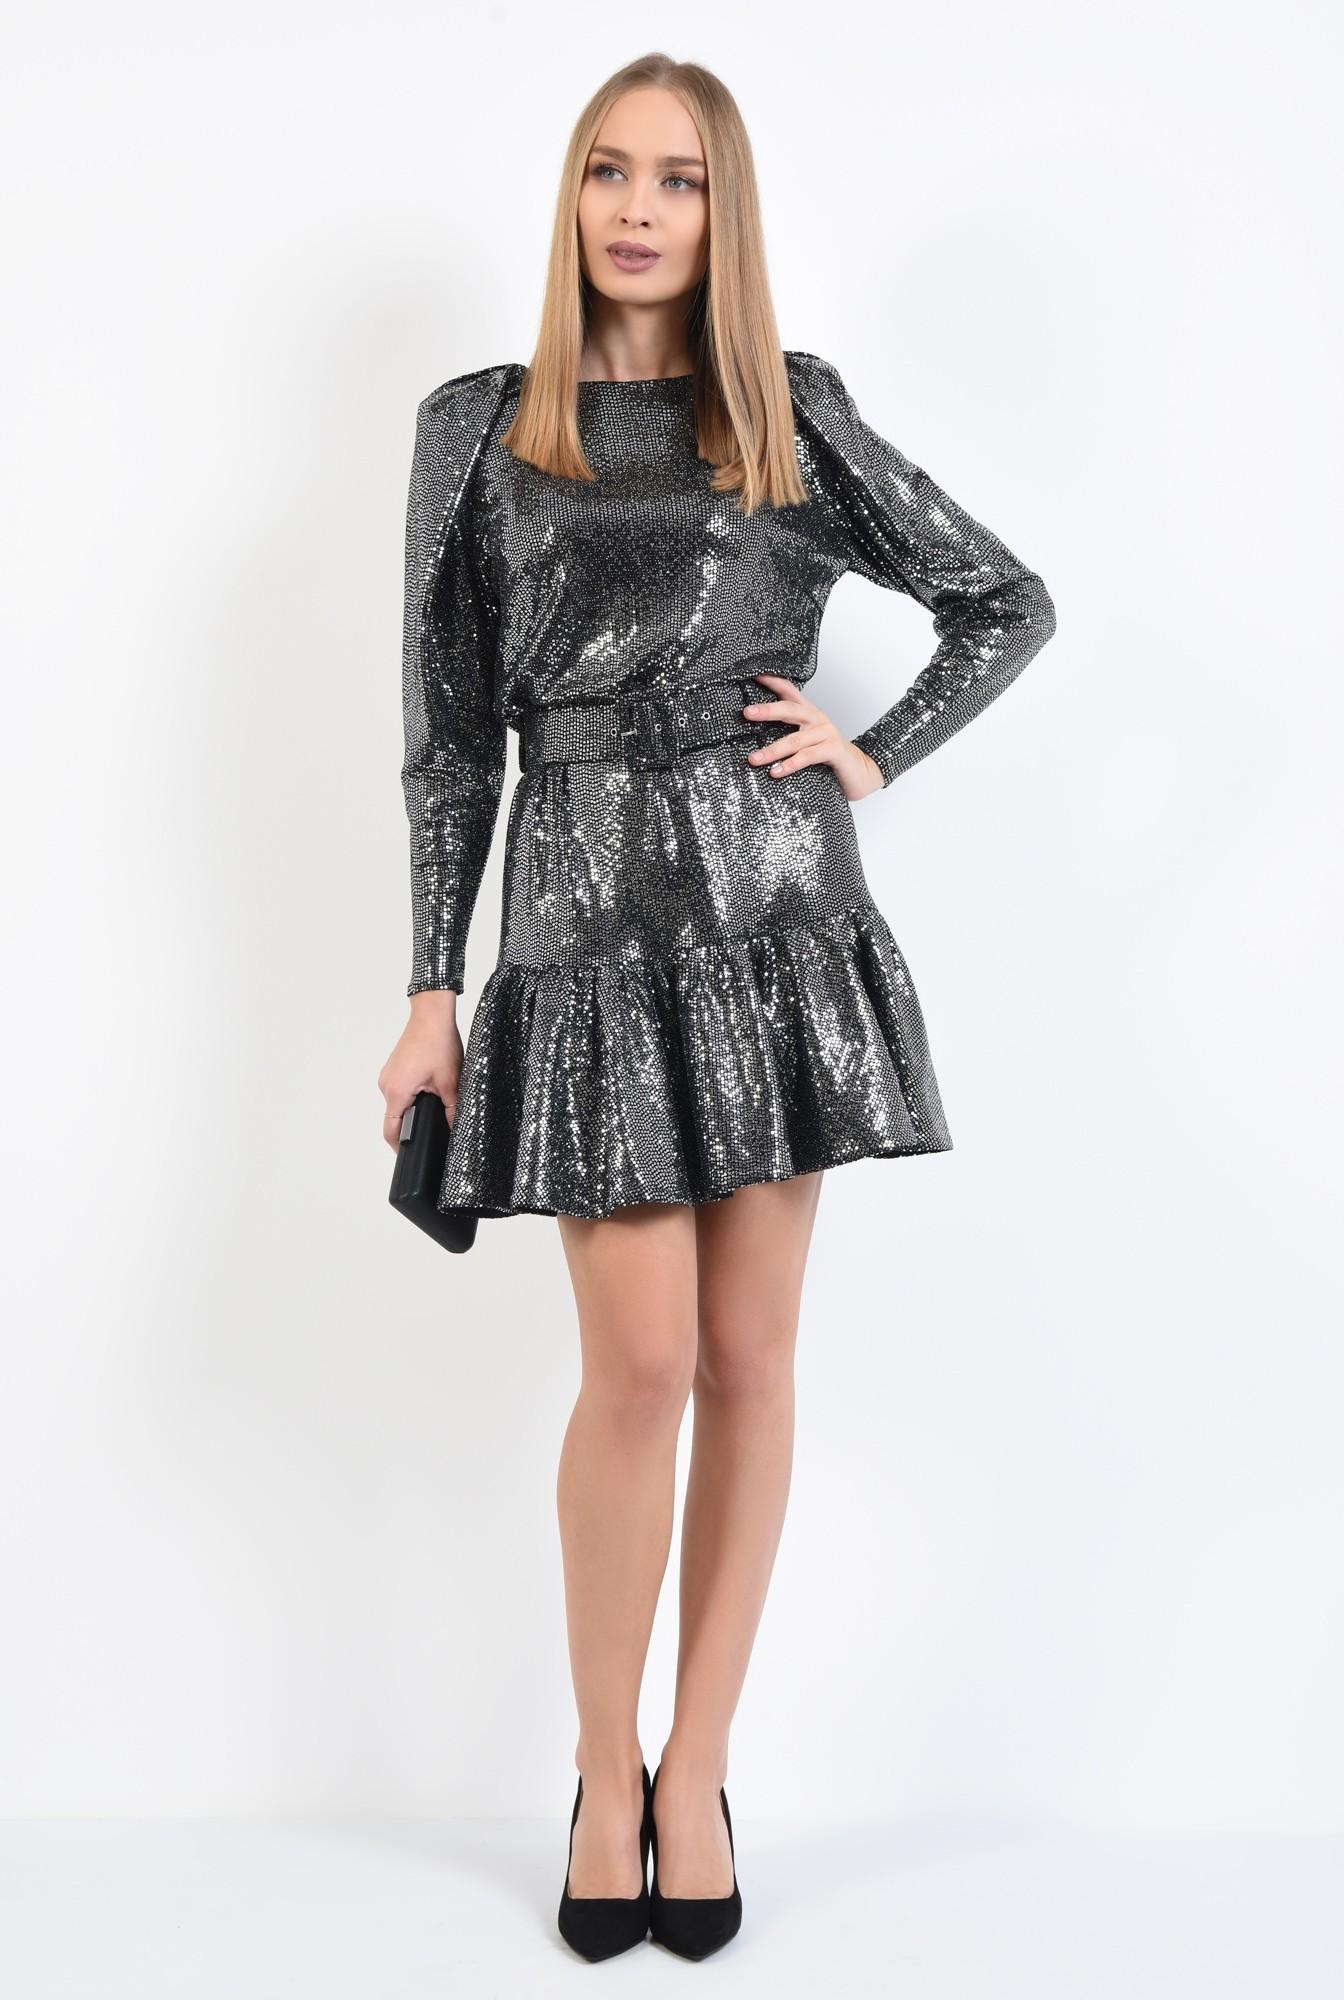 3 - rochie de ocazie, rochii online, scurta, usor evazata, maneci cu umar bufant